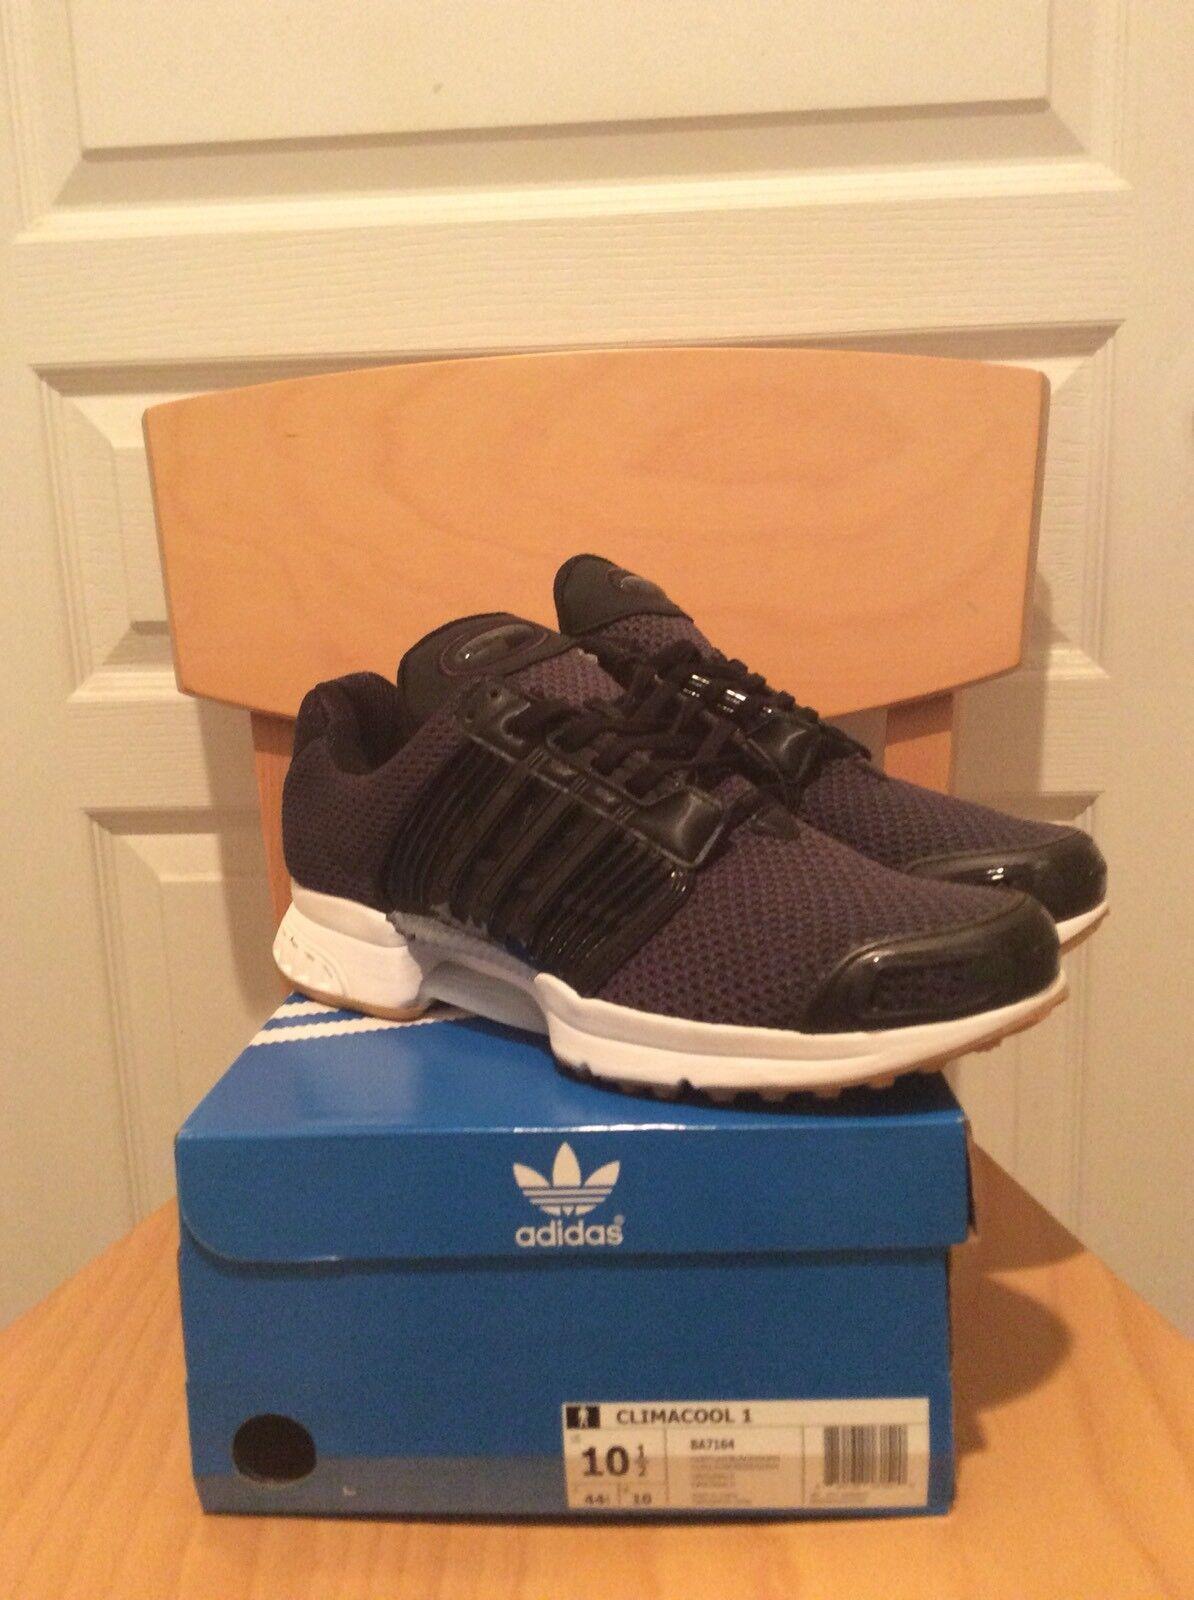 Adidas Adidas Adidas Climacool; Black White Gum; DS; BA7164; US 10.5 5e6518